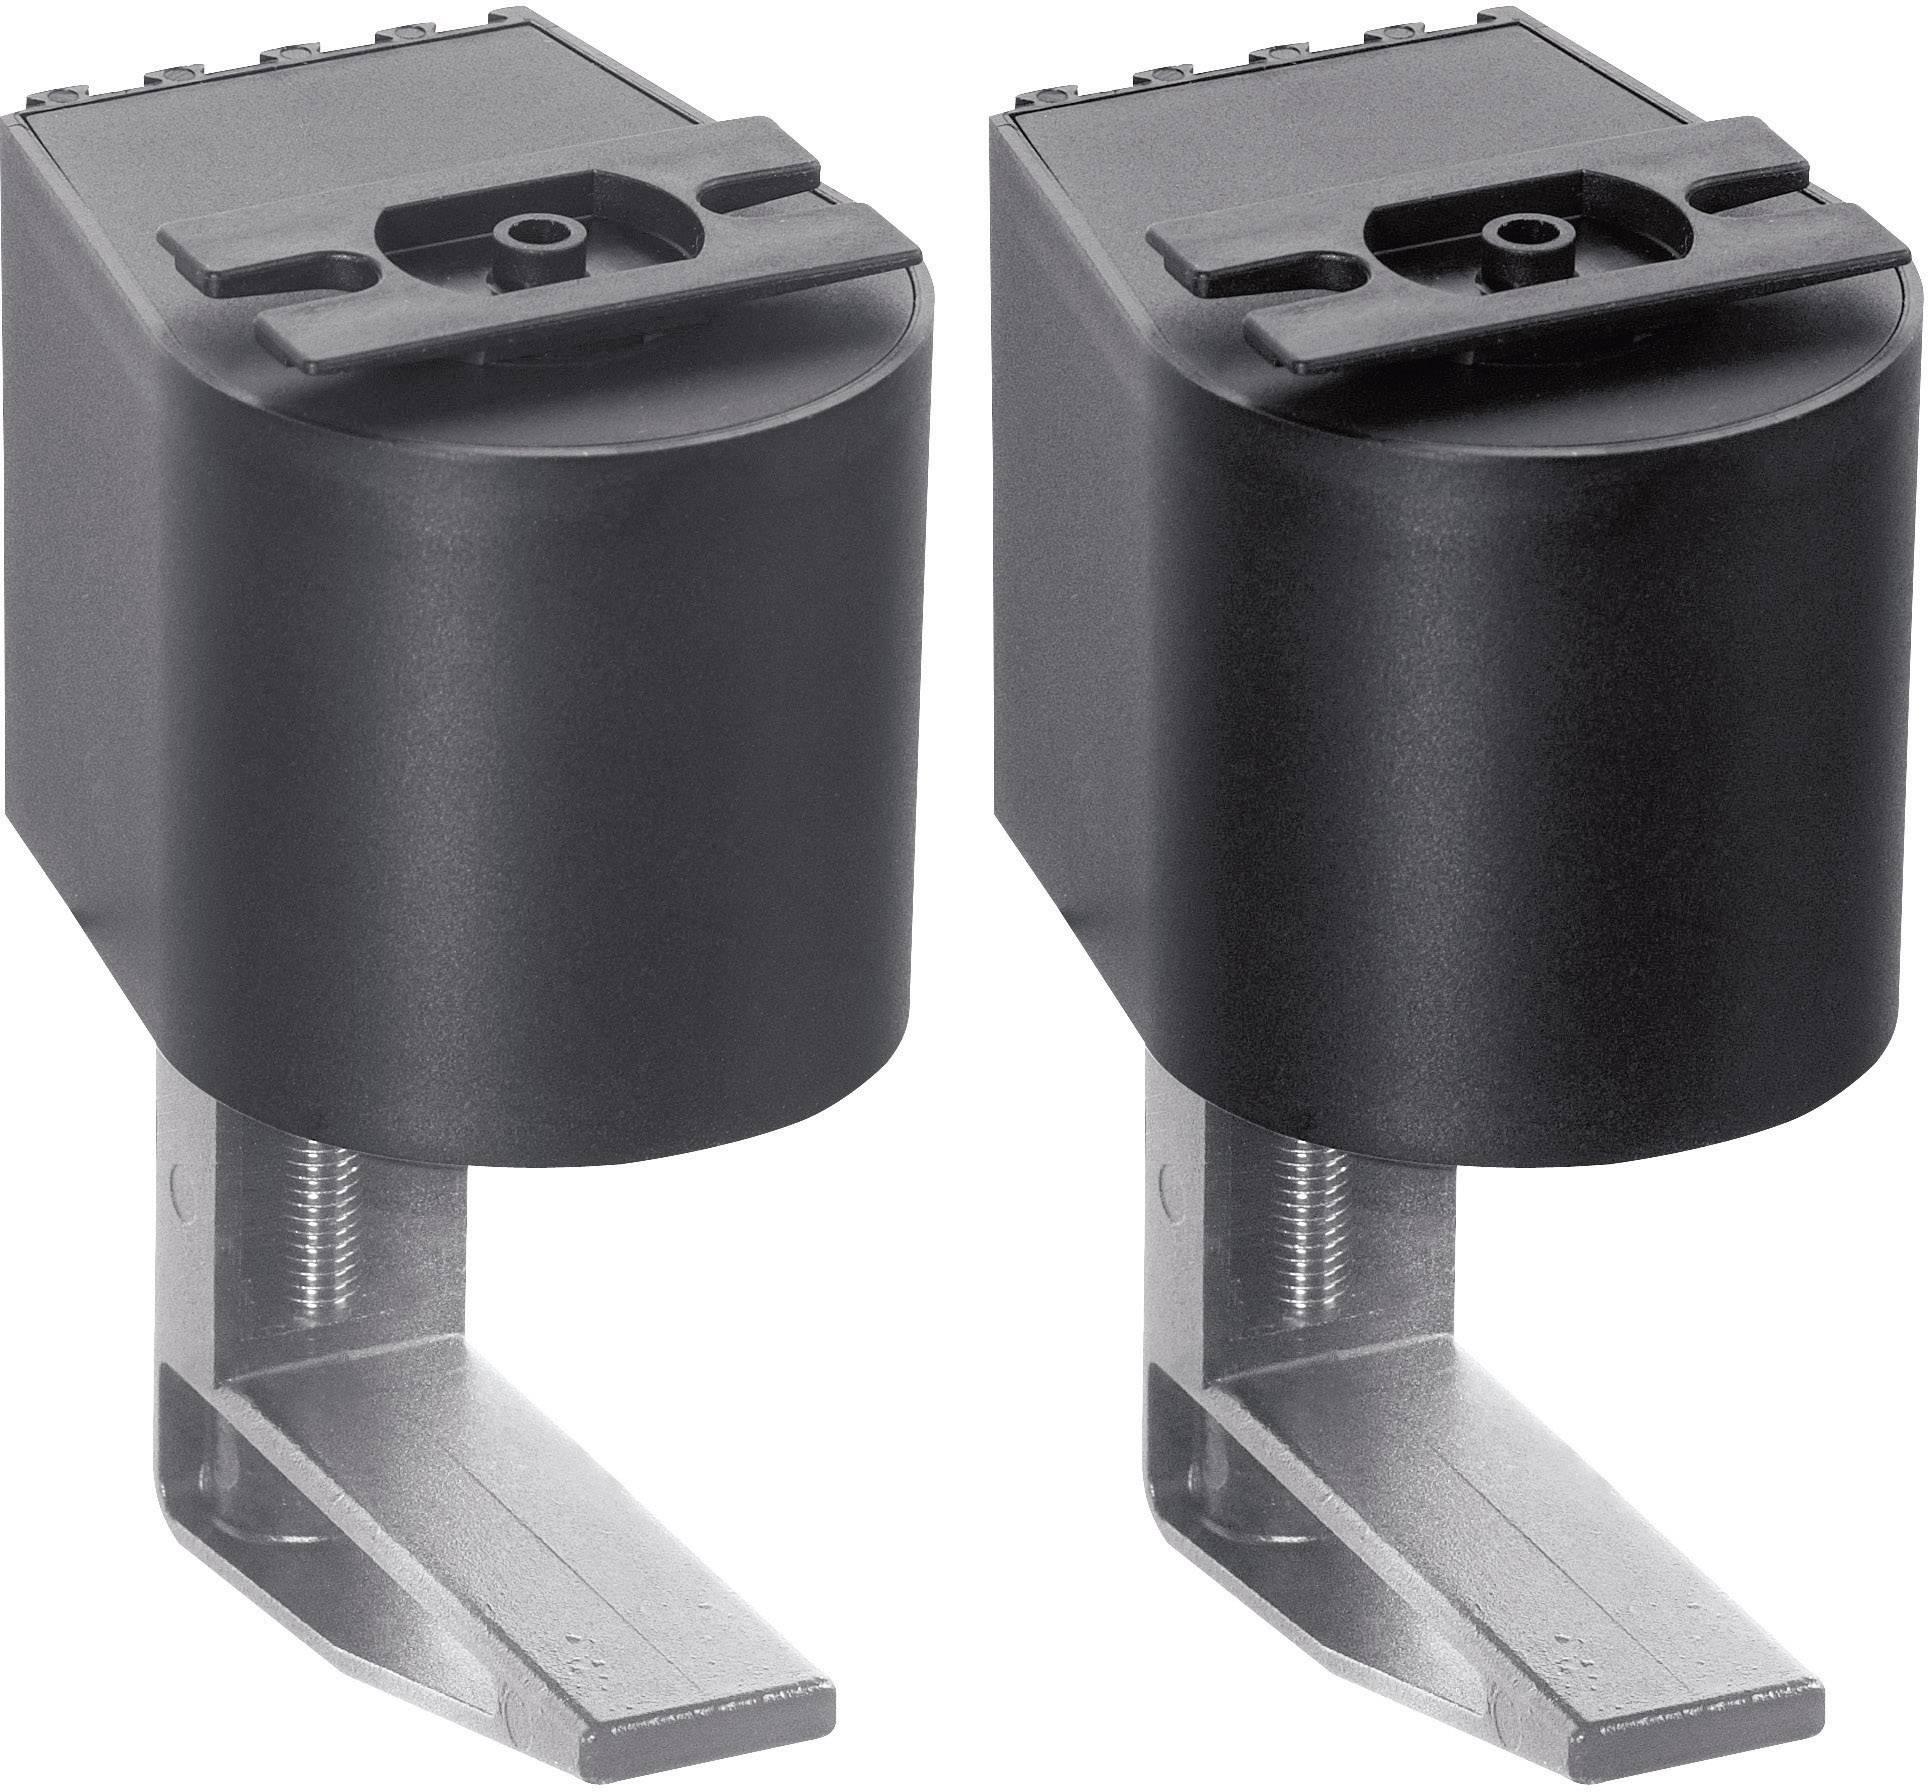 Montážní úchytka Schulte Elektrotechnik, 99090210, 40-75 mm, sada 2 kusů, černá